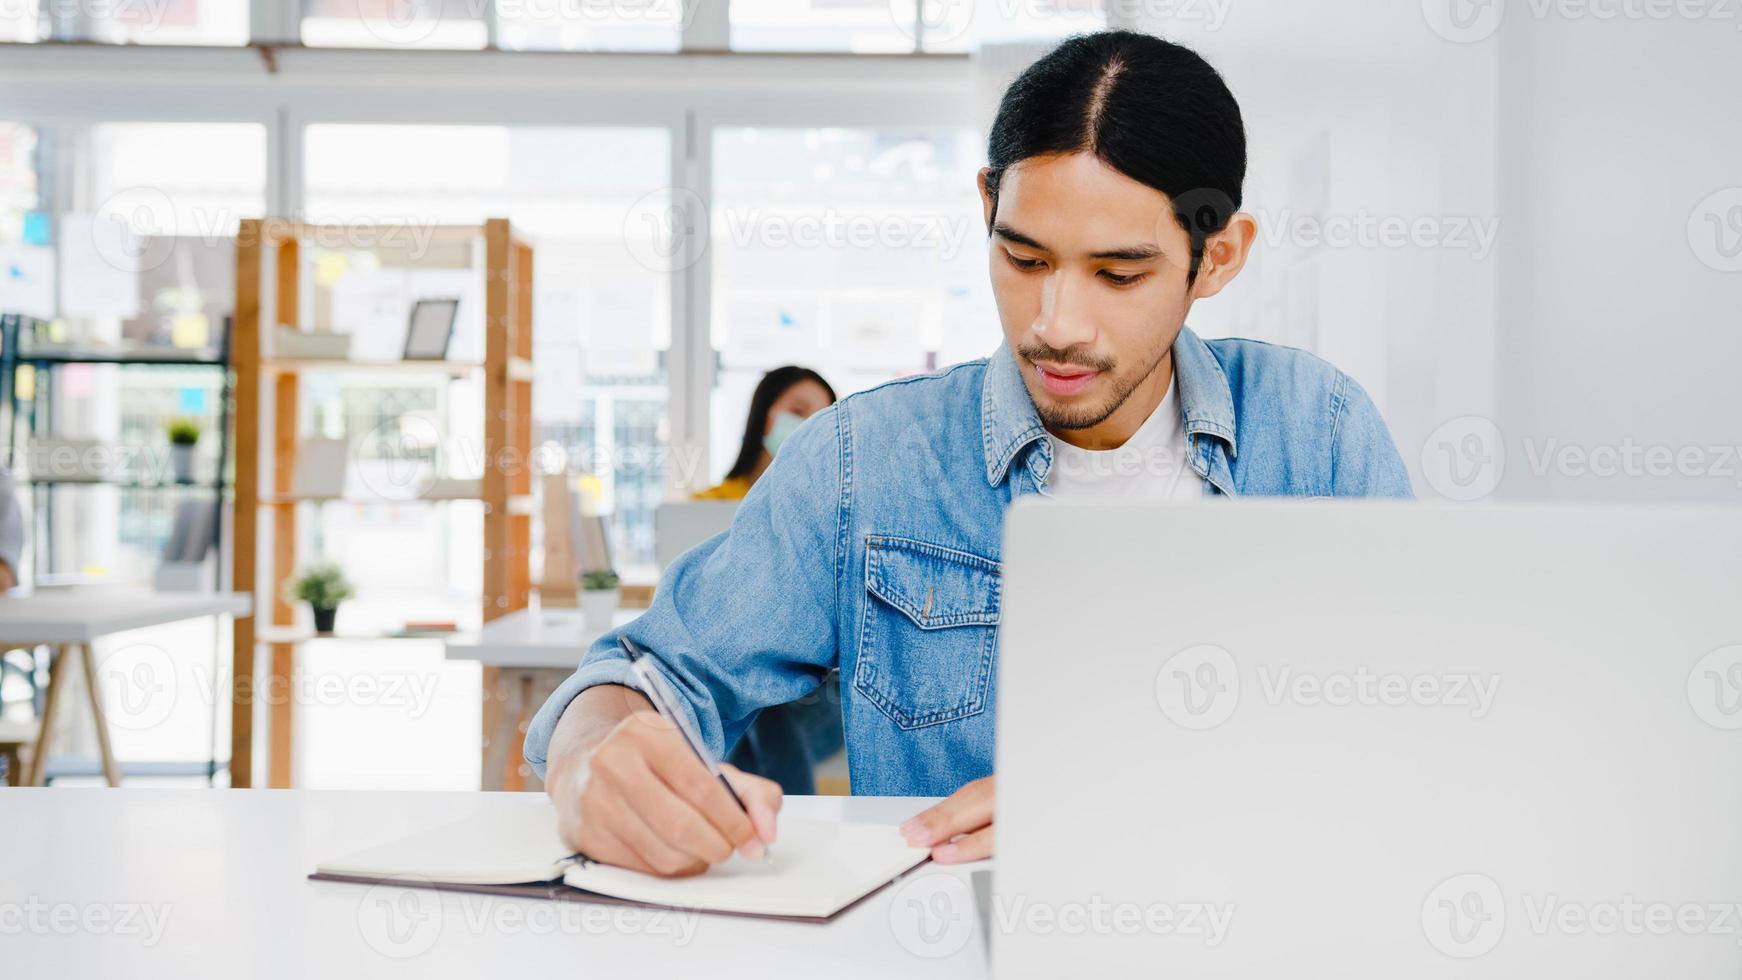 Ásia empresário distanciamento social em nova situação normal para prevenção de vírus usando laptop apresentação para colega sobre o plano de videochamada enquanto trabalha no escritório em casa. estilo de vida após o vírus corona. foto